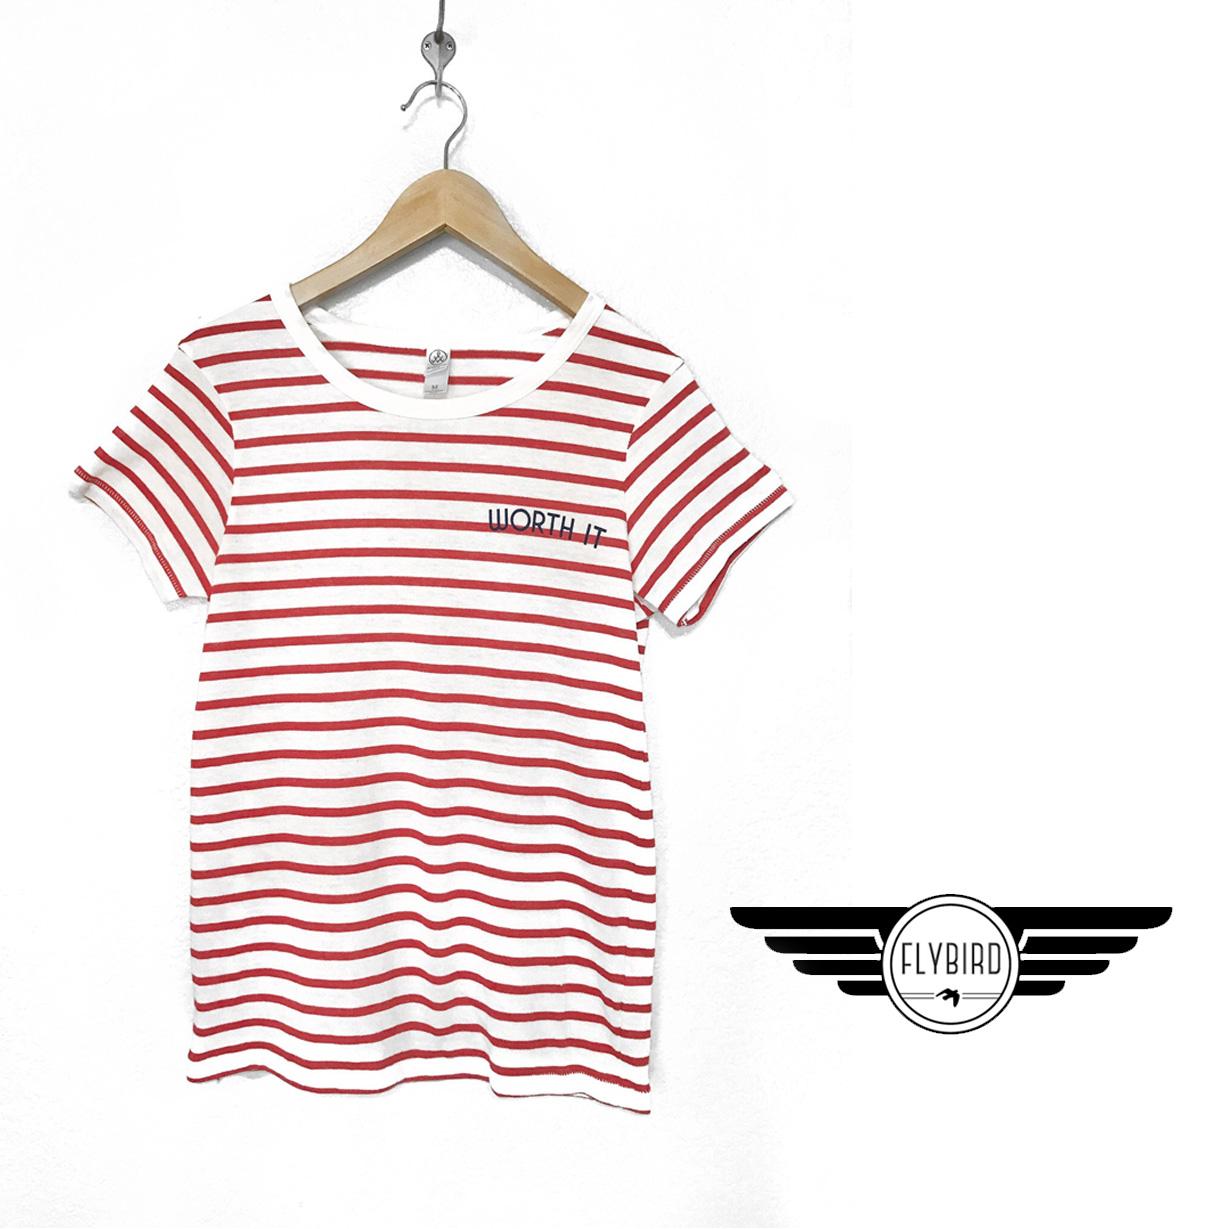 Flybird 1.jpg